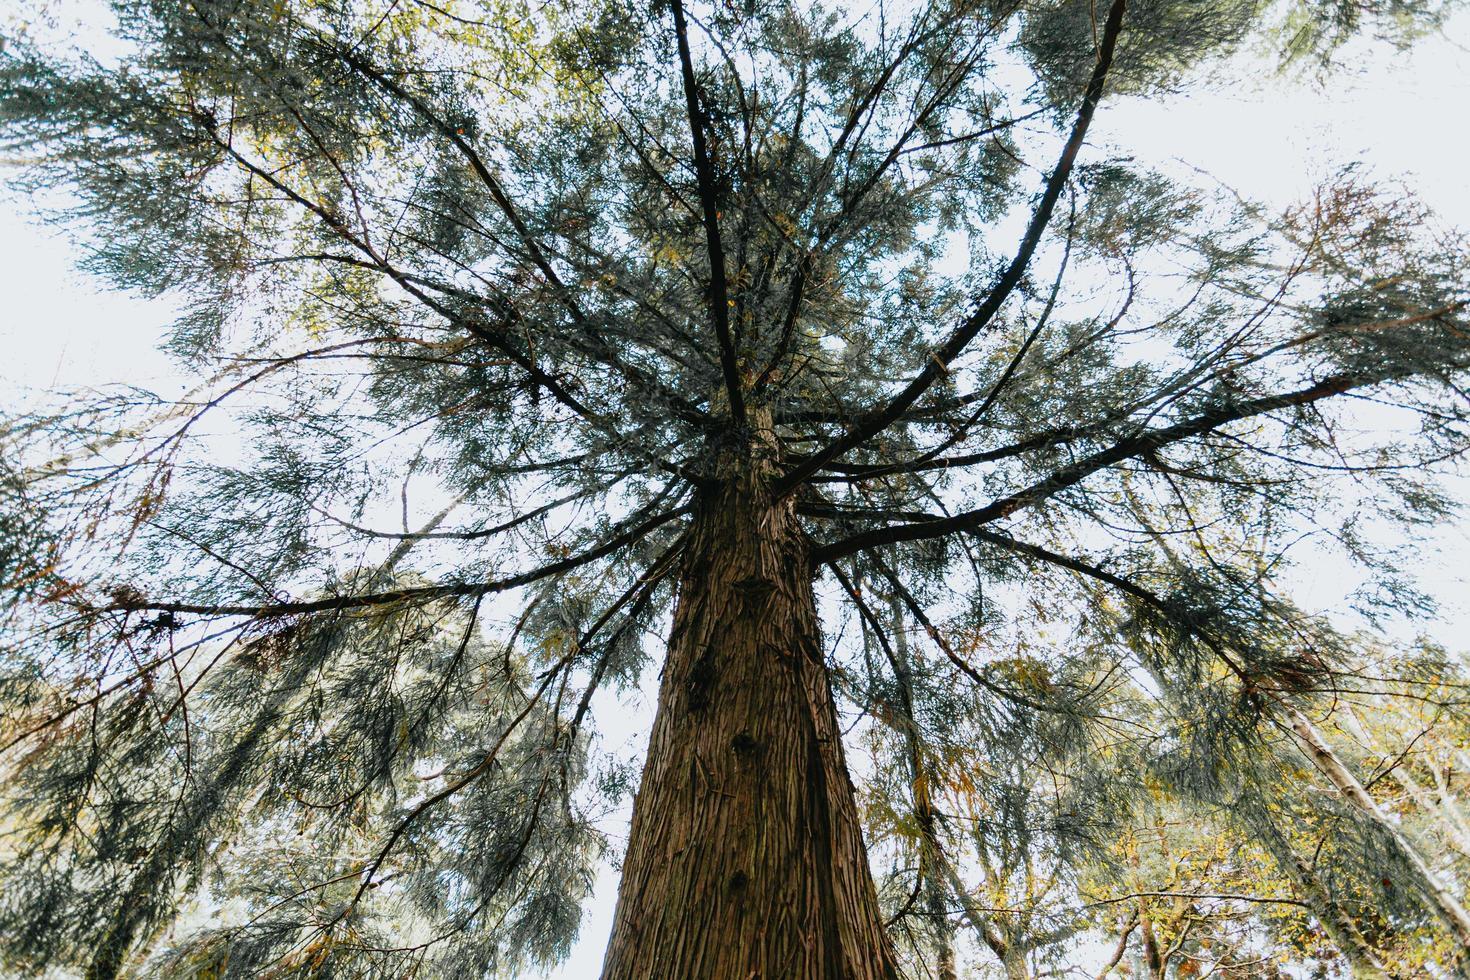 Baum in einem Wald foto